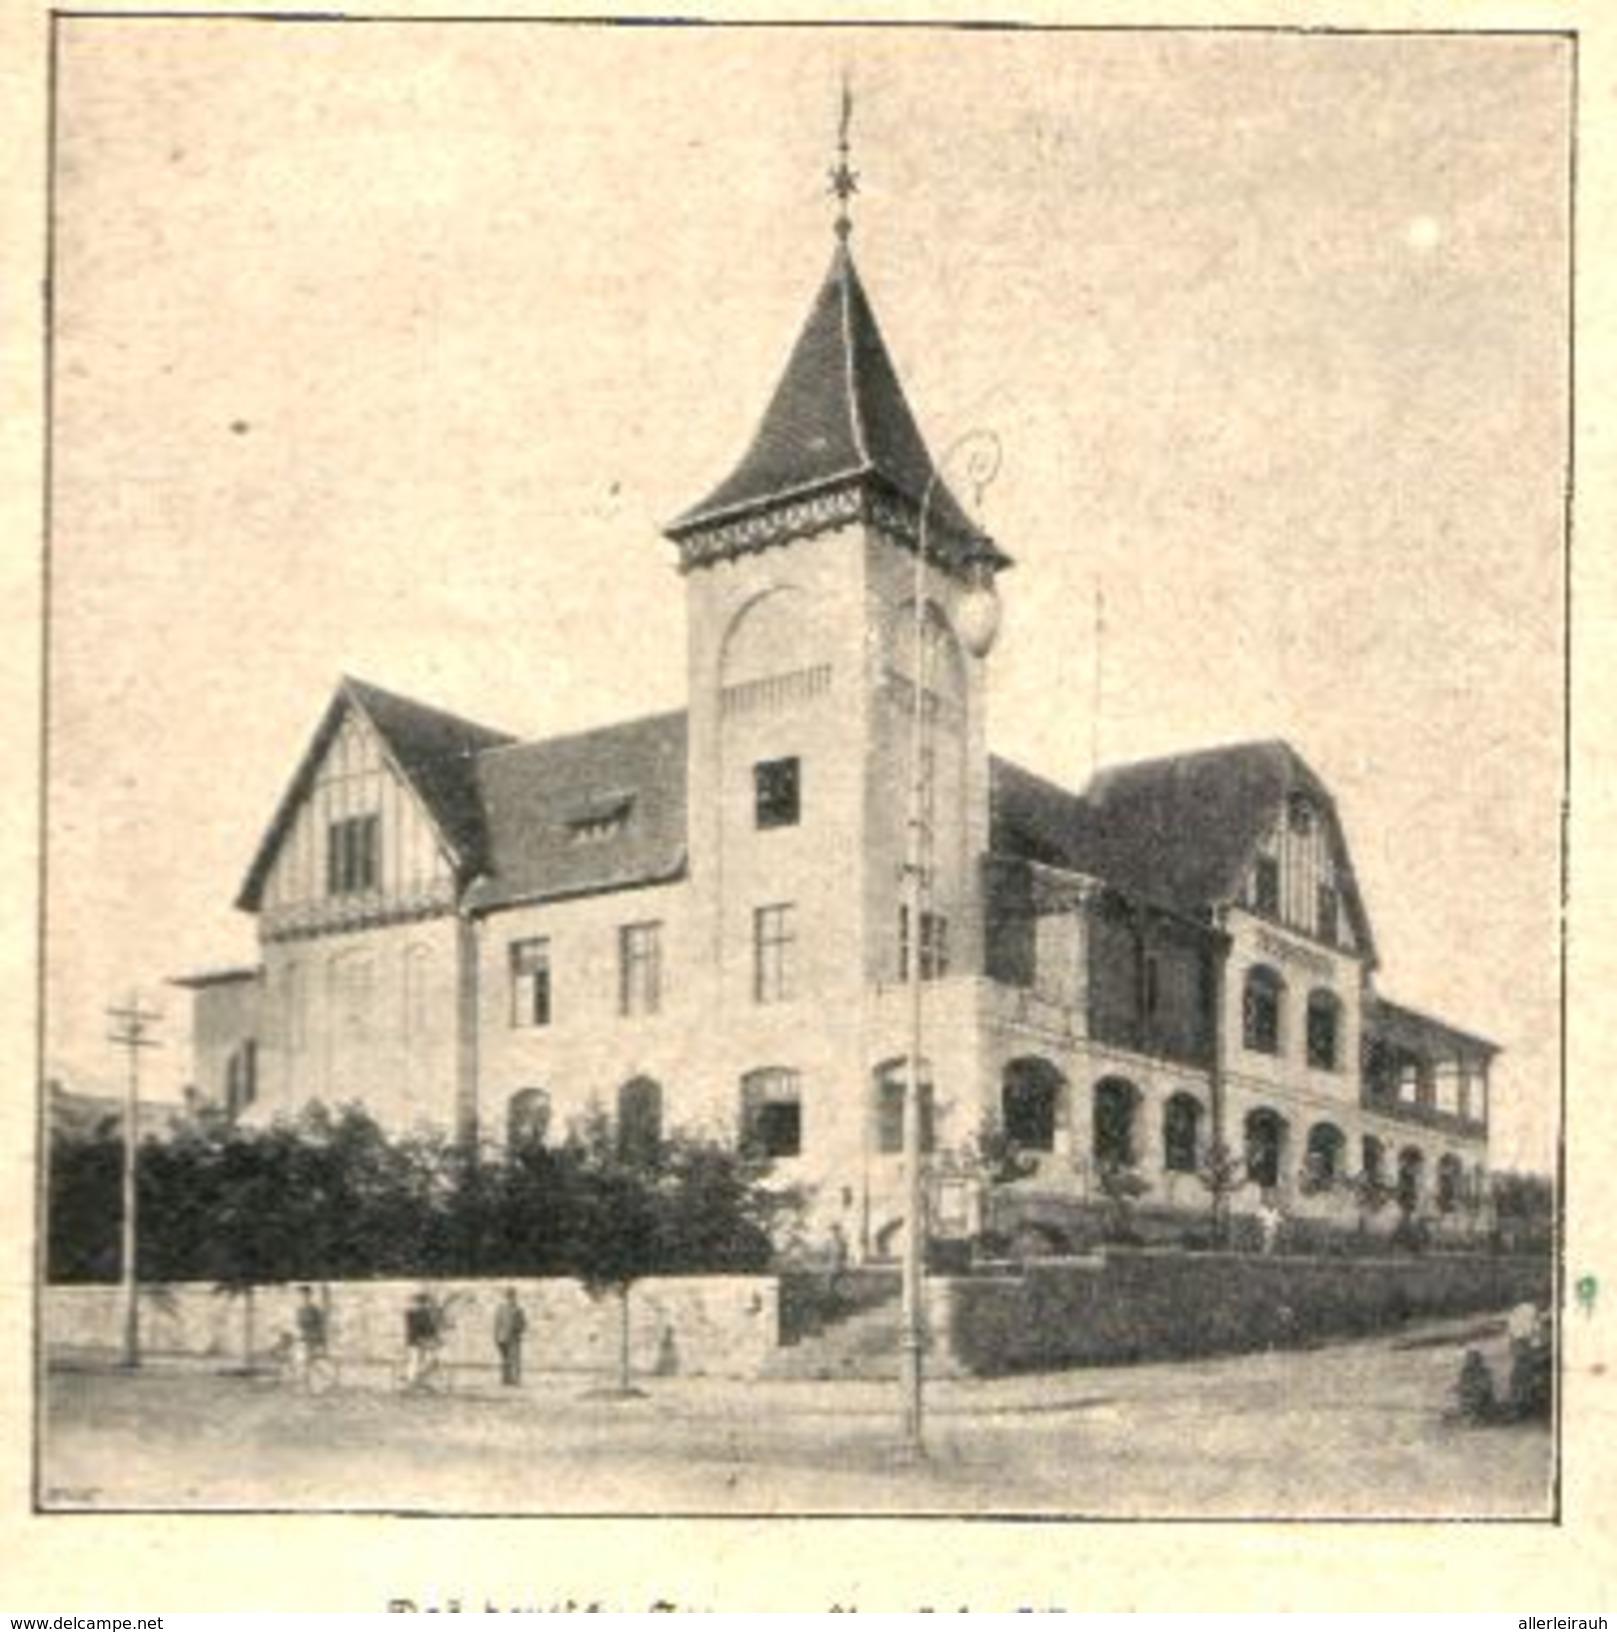 Das Deutsche Seemannshaus In Tsingtau / Druck, Entnommen Aus Kalender / 1909 - Bücher, Zeitschriften, Comics